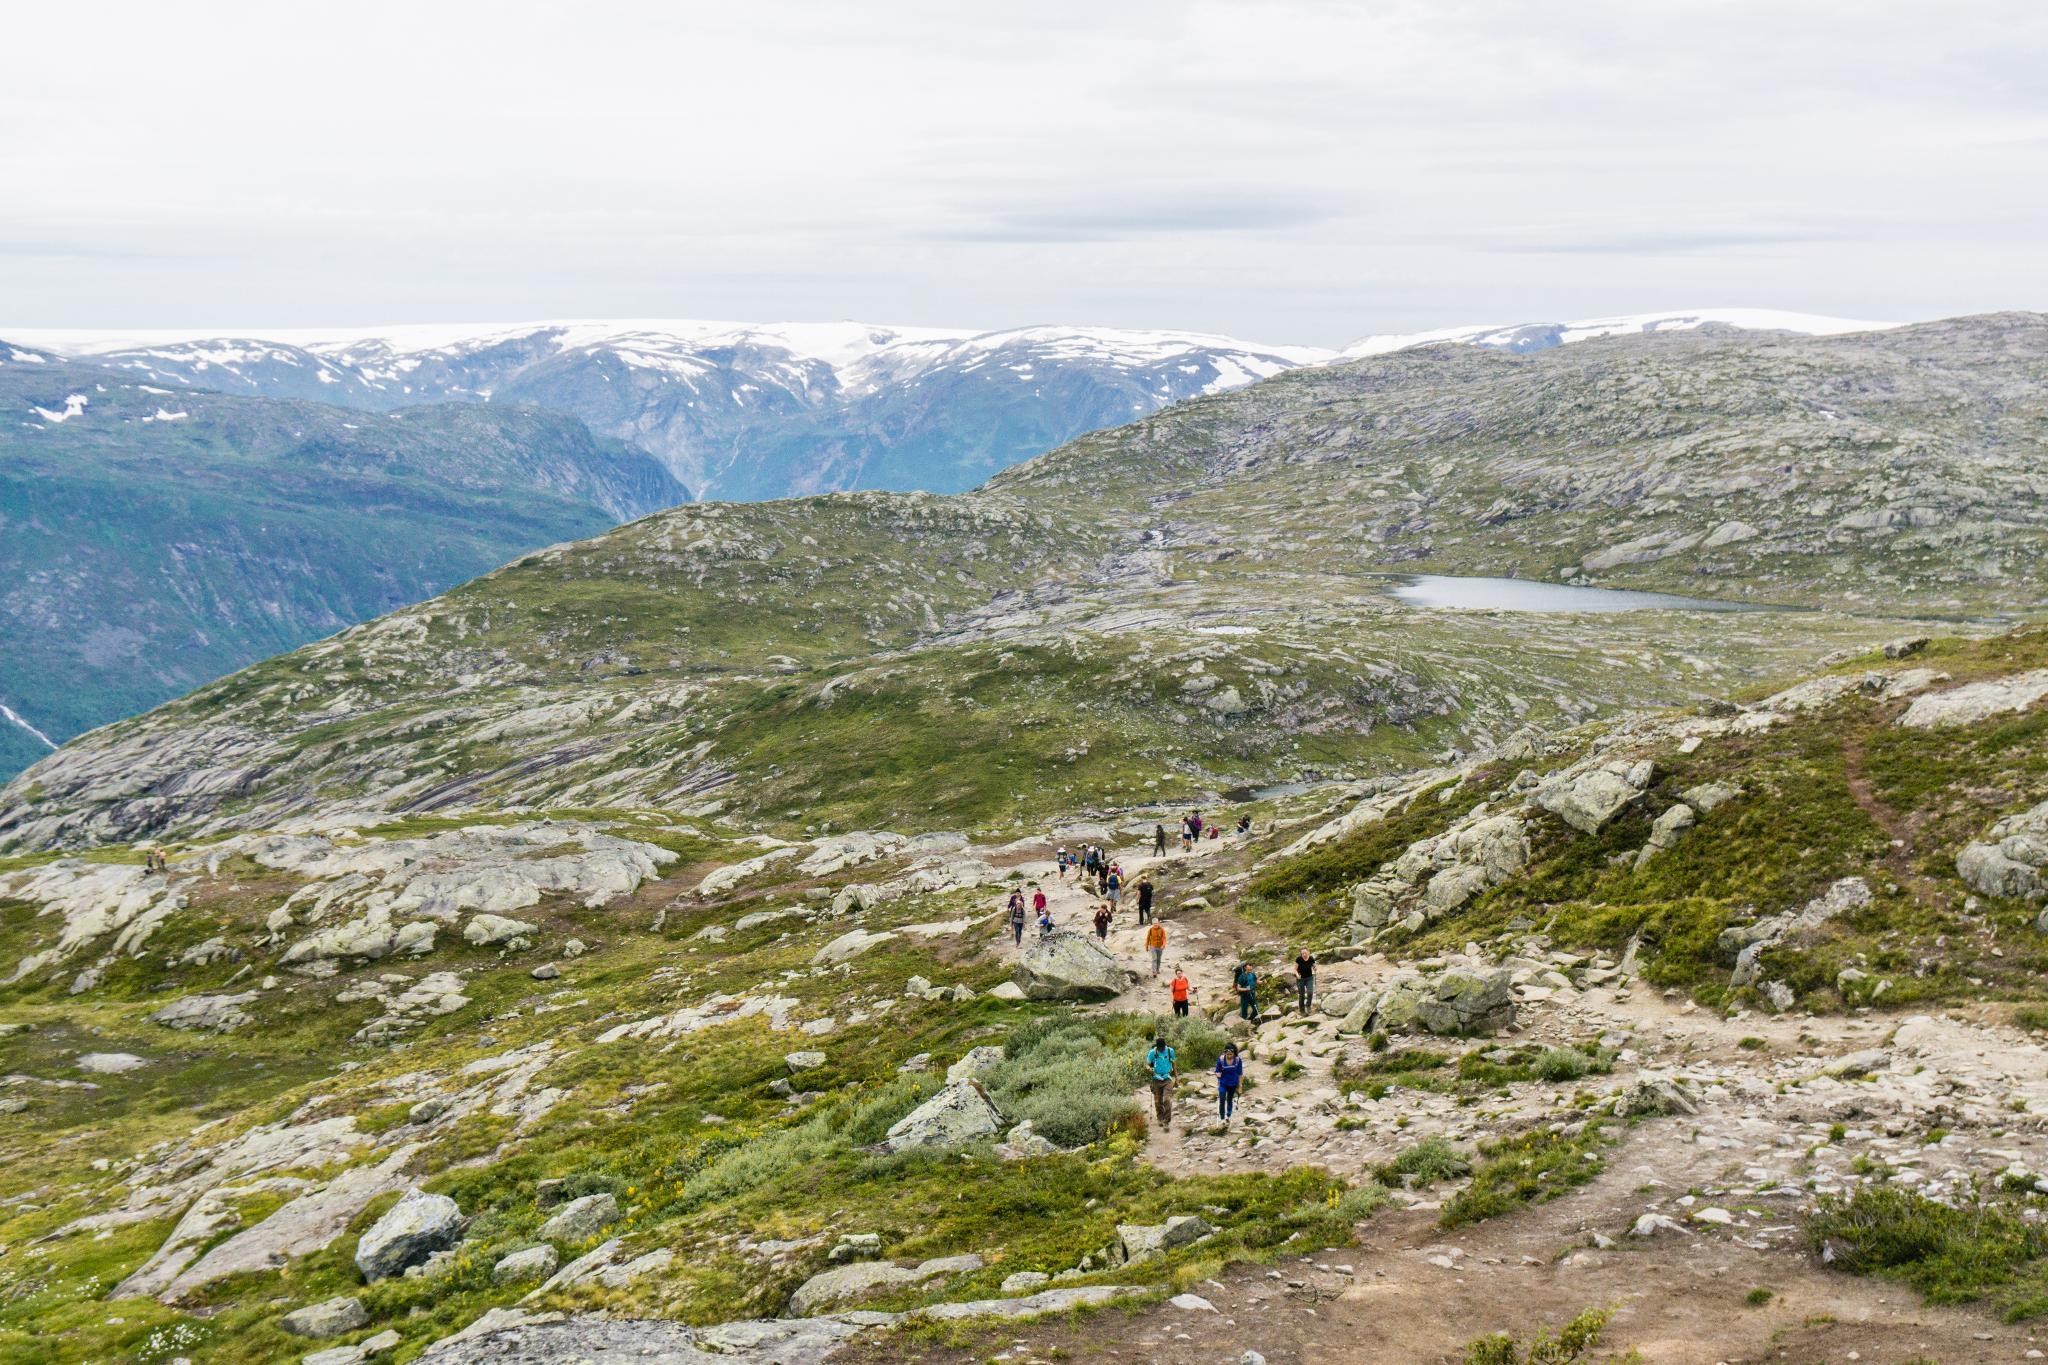 【北歐景點】挪威惡魔之舌 Trolltunga — 28公里健行挑戰全攻略 204